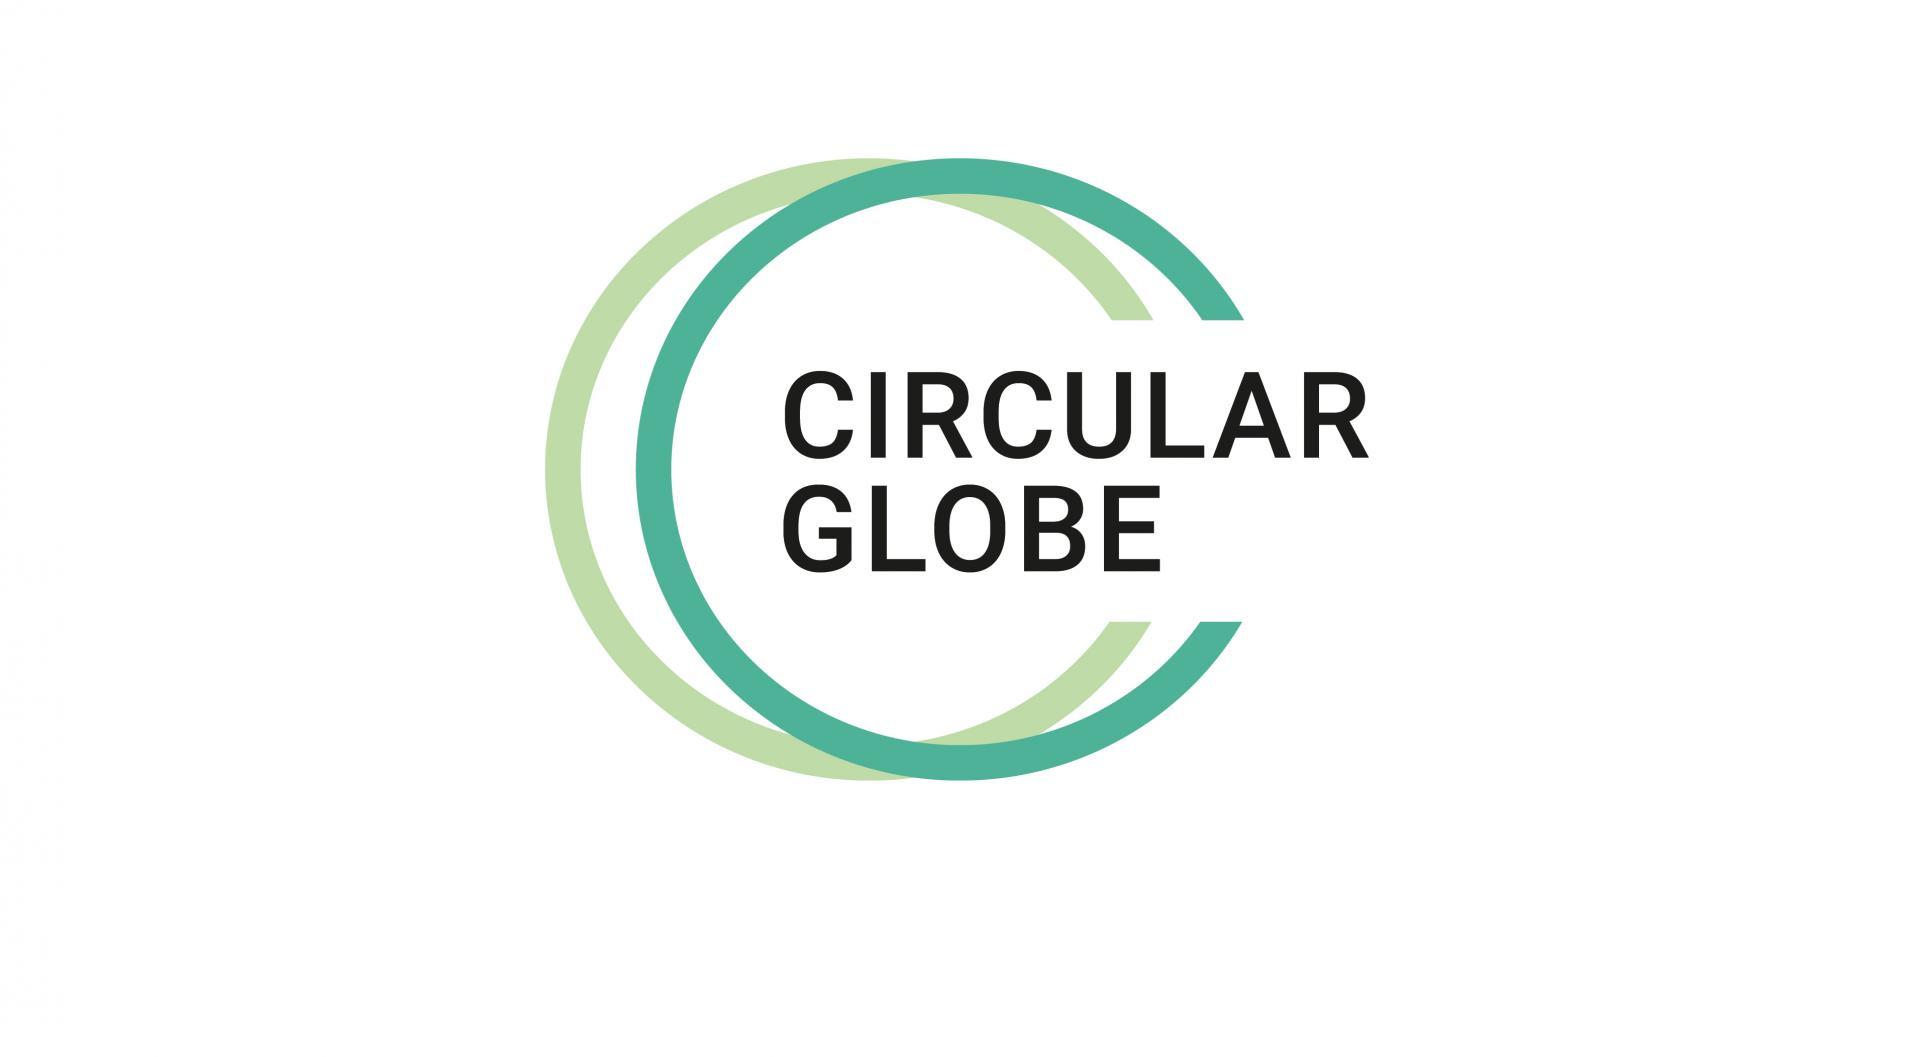 Logo Circular Globe, SQS, Label für die Kreislaufwirtschaft, nachhaltige Wirtschaftsform